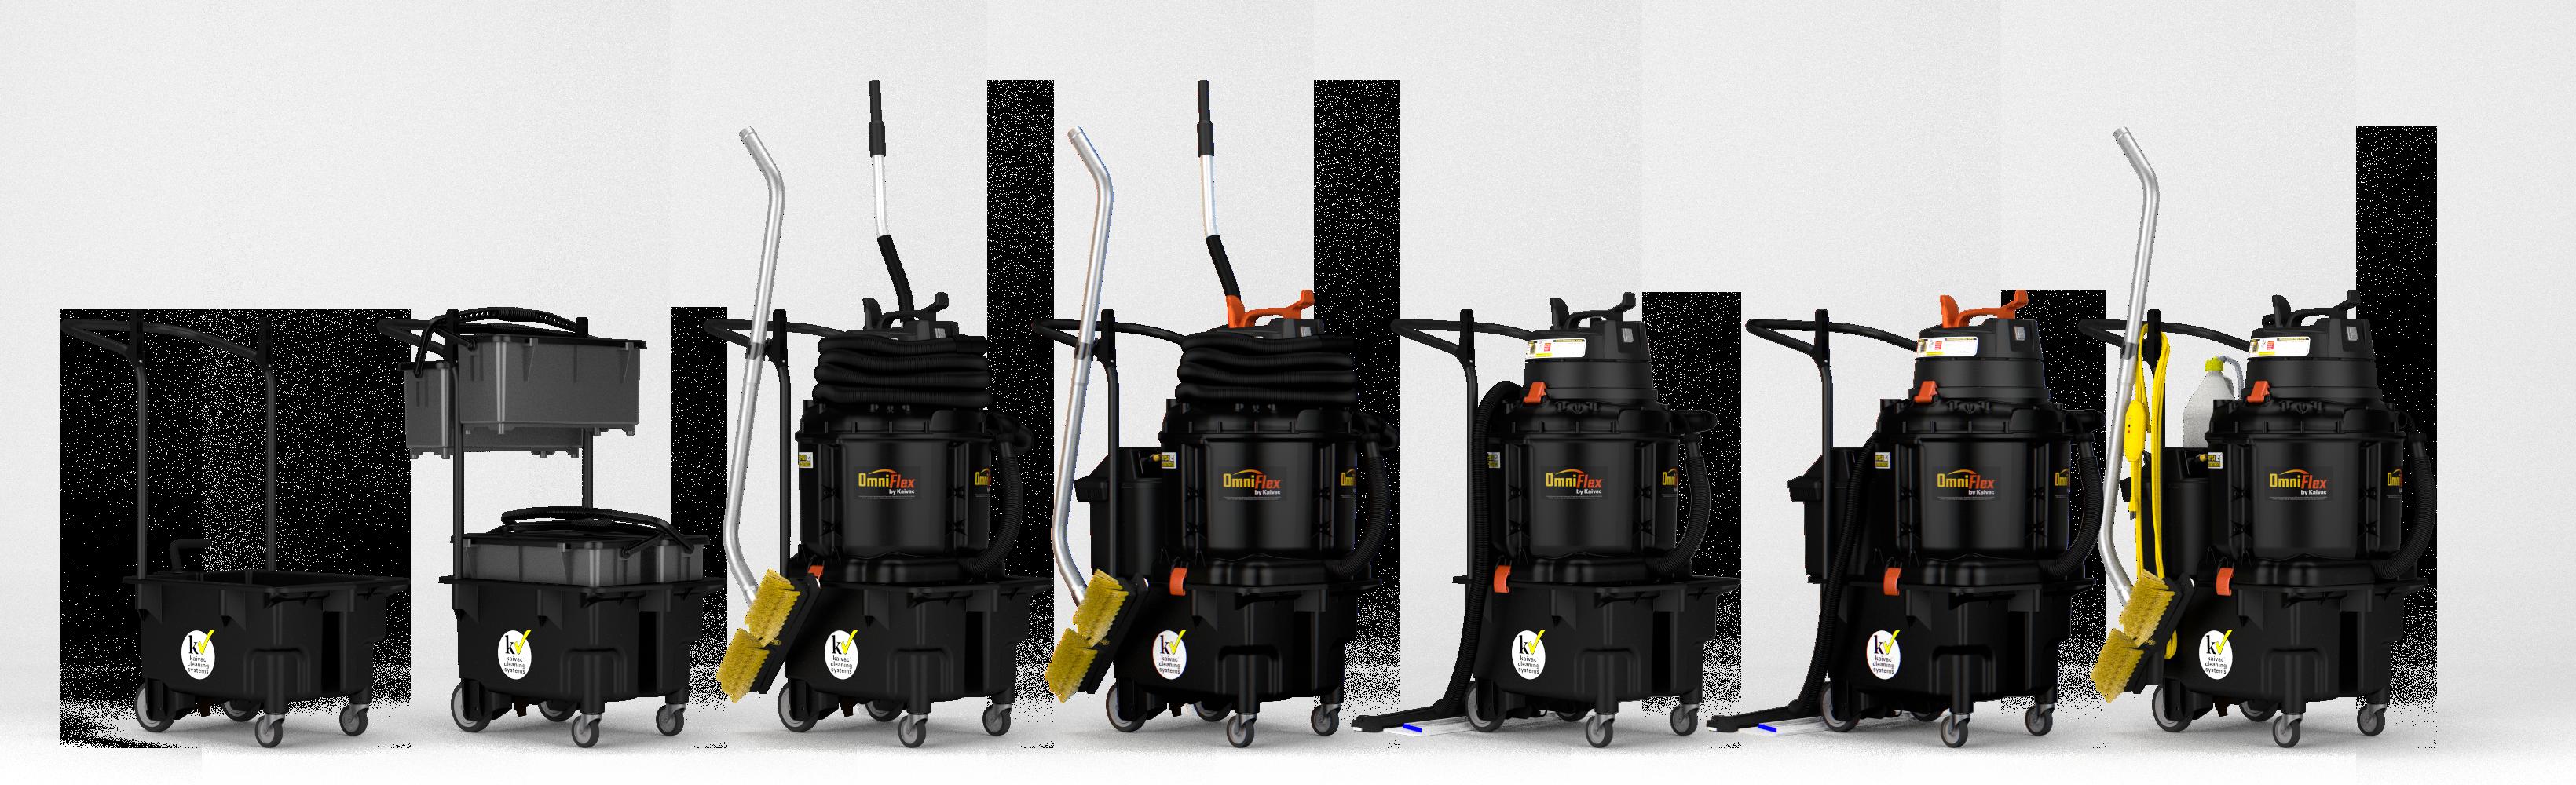 Kaivac OmniFlex Lineup